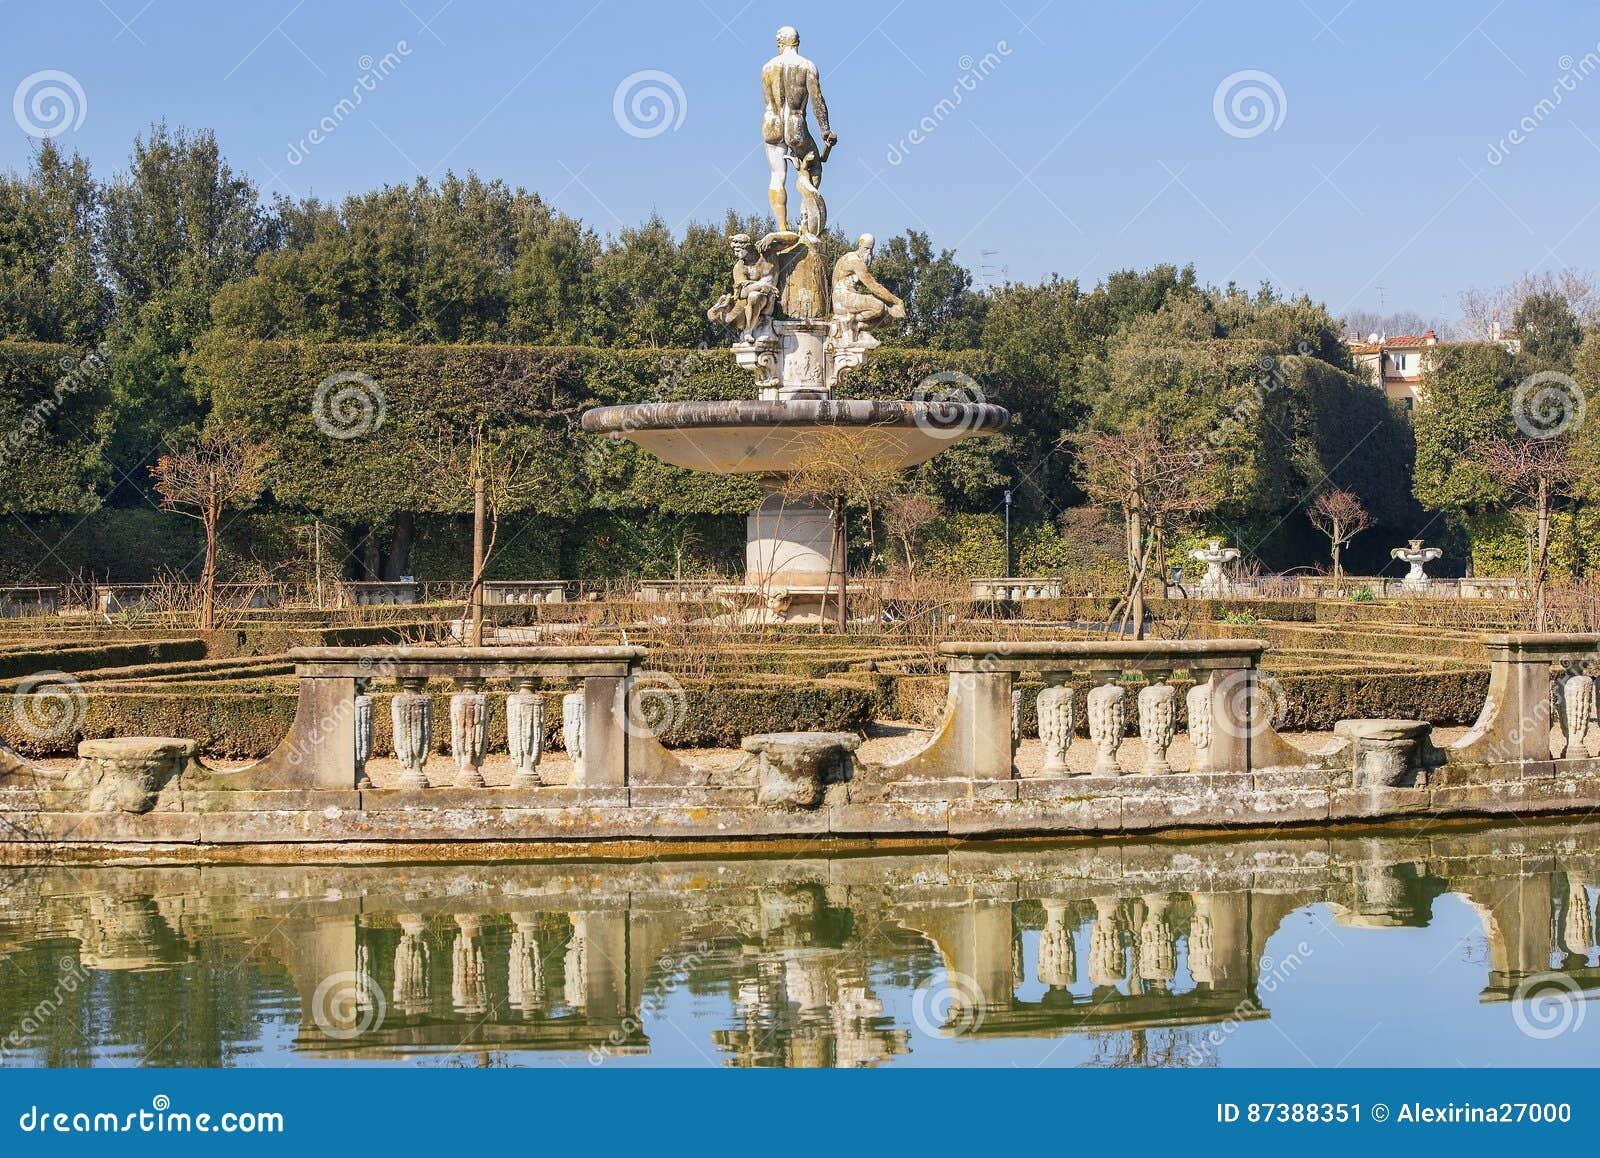 Fontane Da Giardino Firenze.Oceano Della Fontana Da Giambologna Nei Giardini Di Boboli